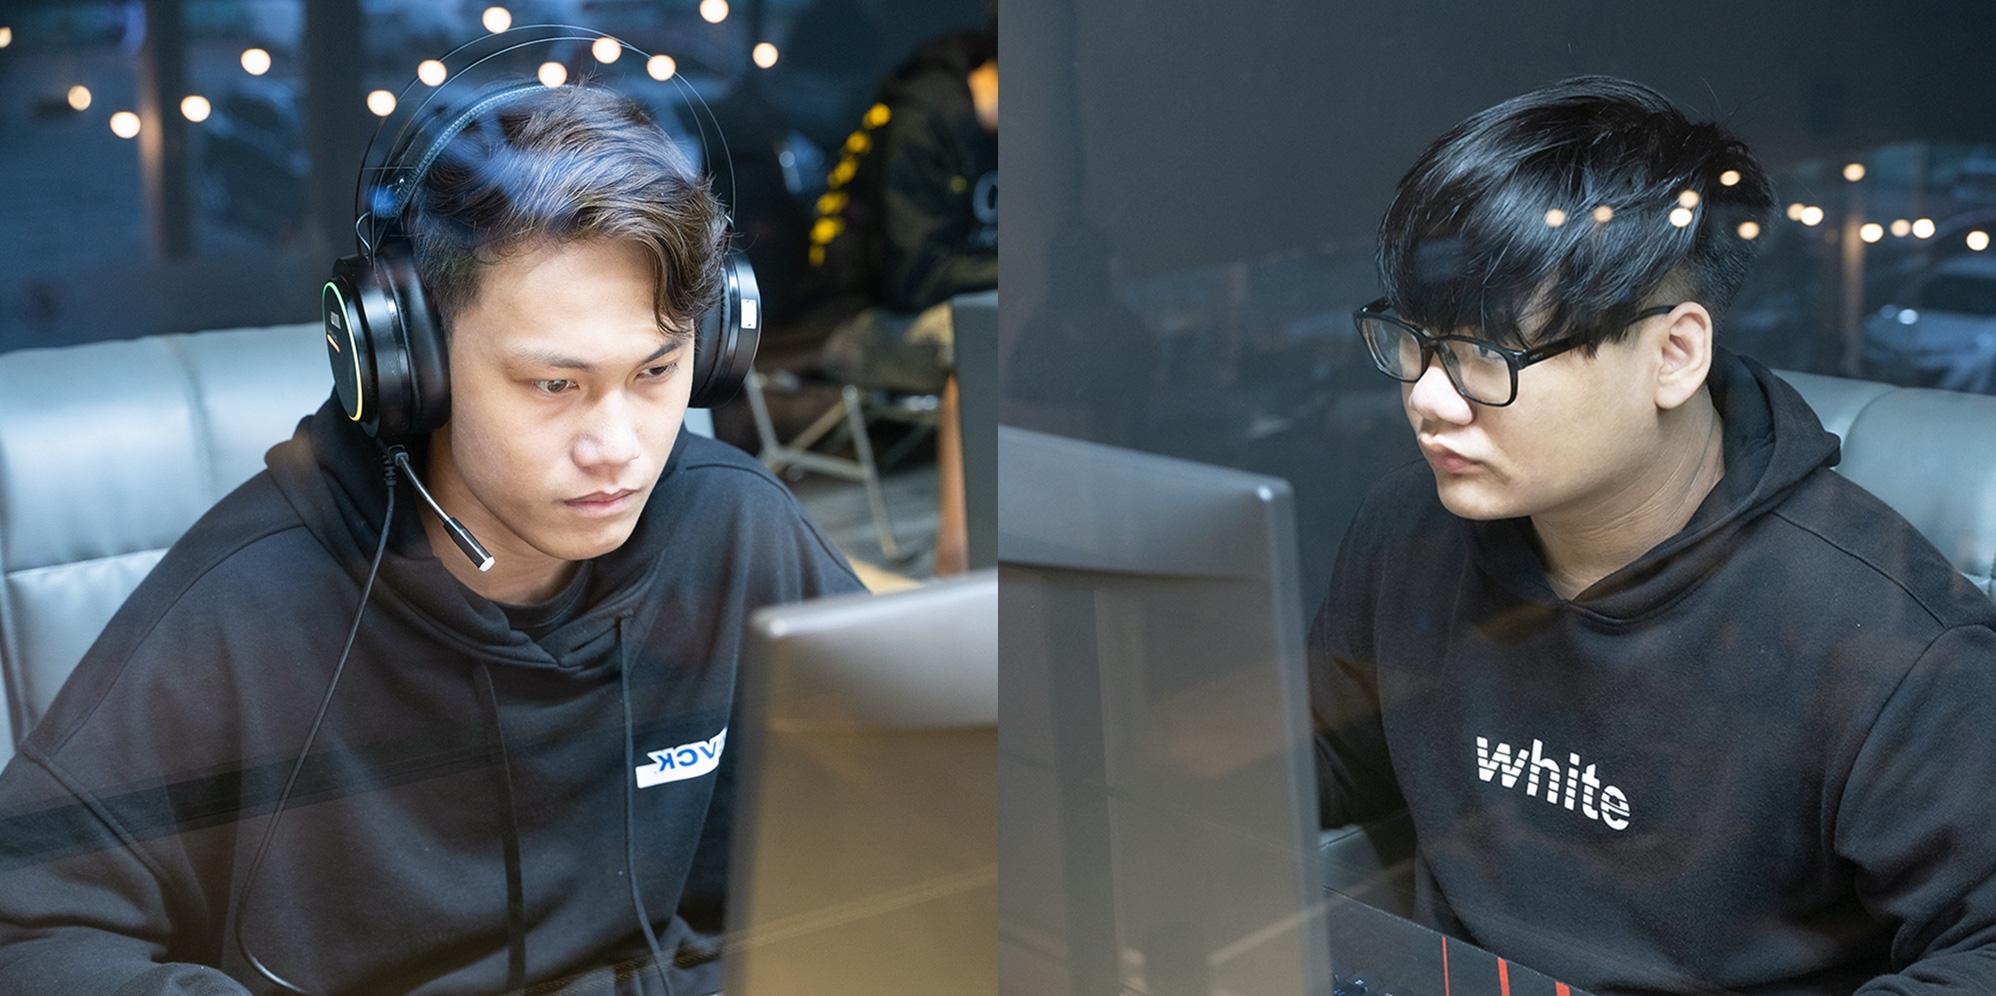 """Chung kết Hanwha Life Esports: Team HyNam """"đụng độ"""" Team TikTik Sama, ai sẽ là người """"tỏa sáng""""? - Ảnh 4."""